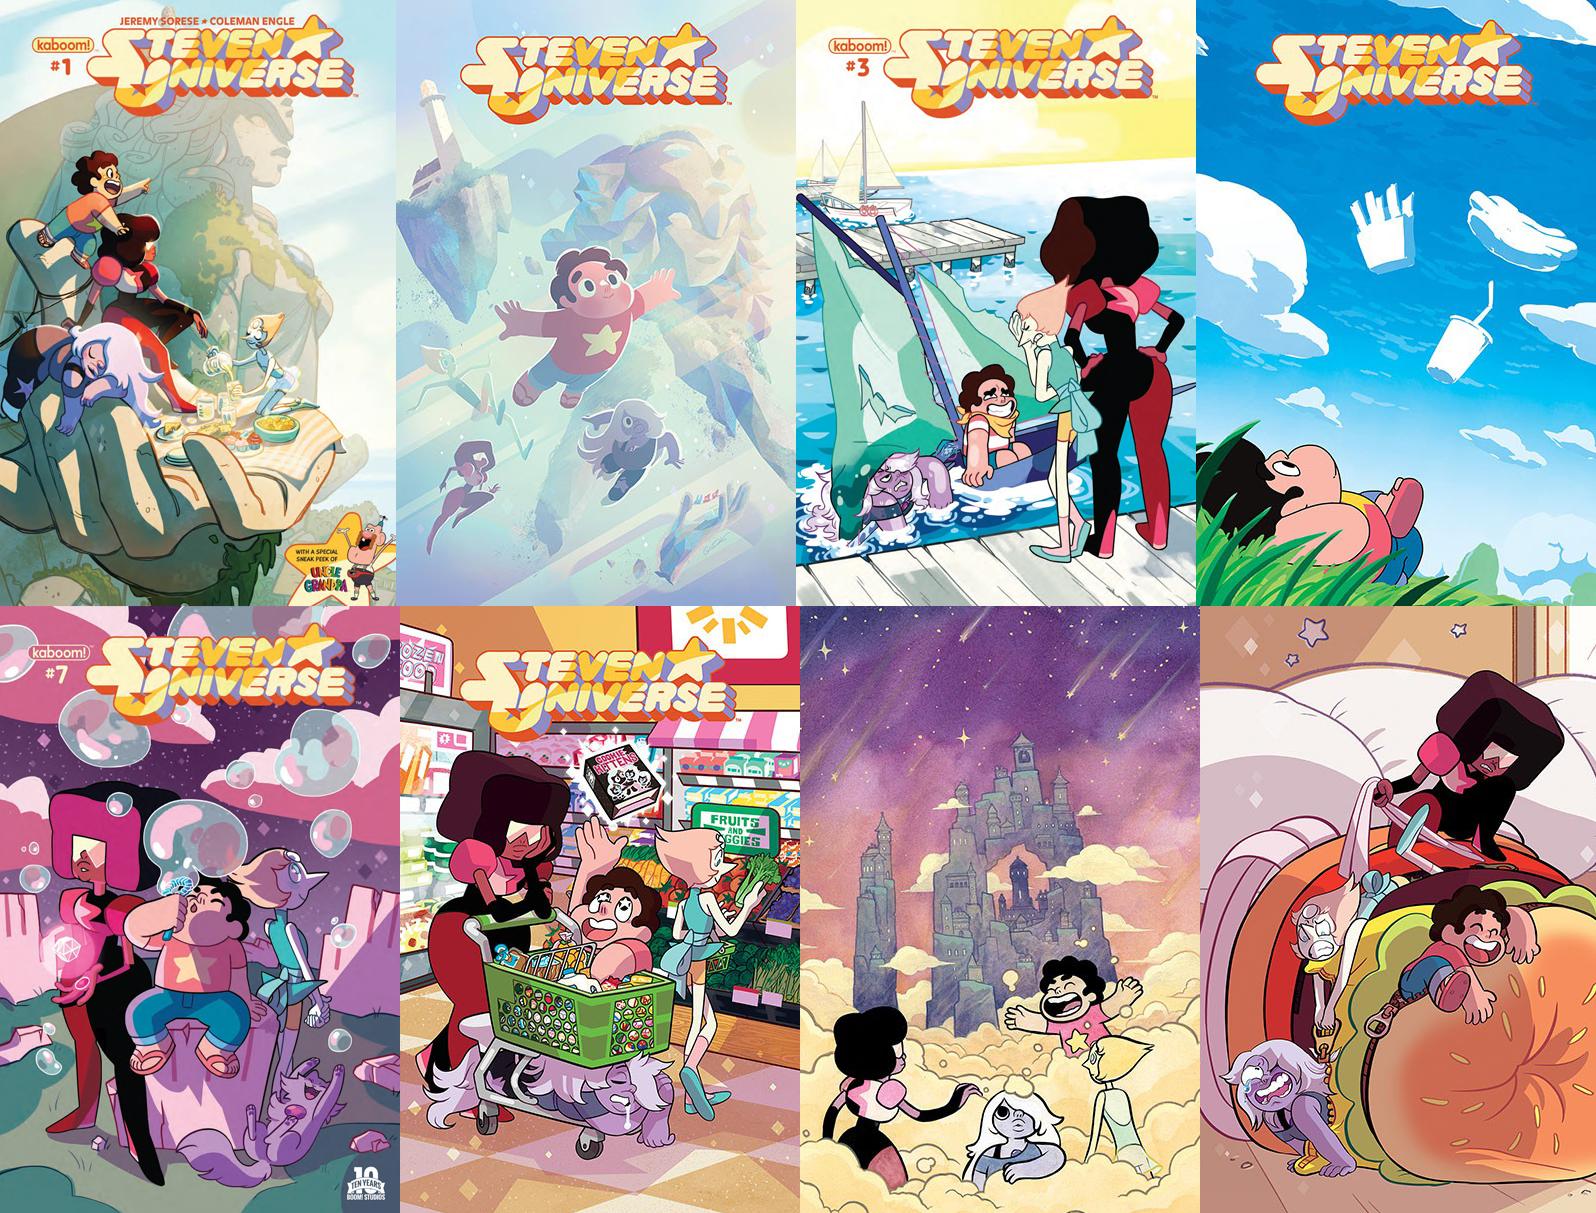 ¡Más cómics de Steven Universe se aproximan!